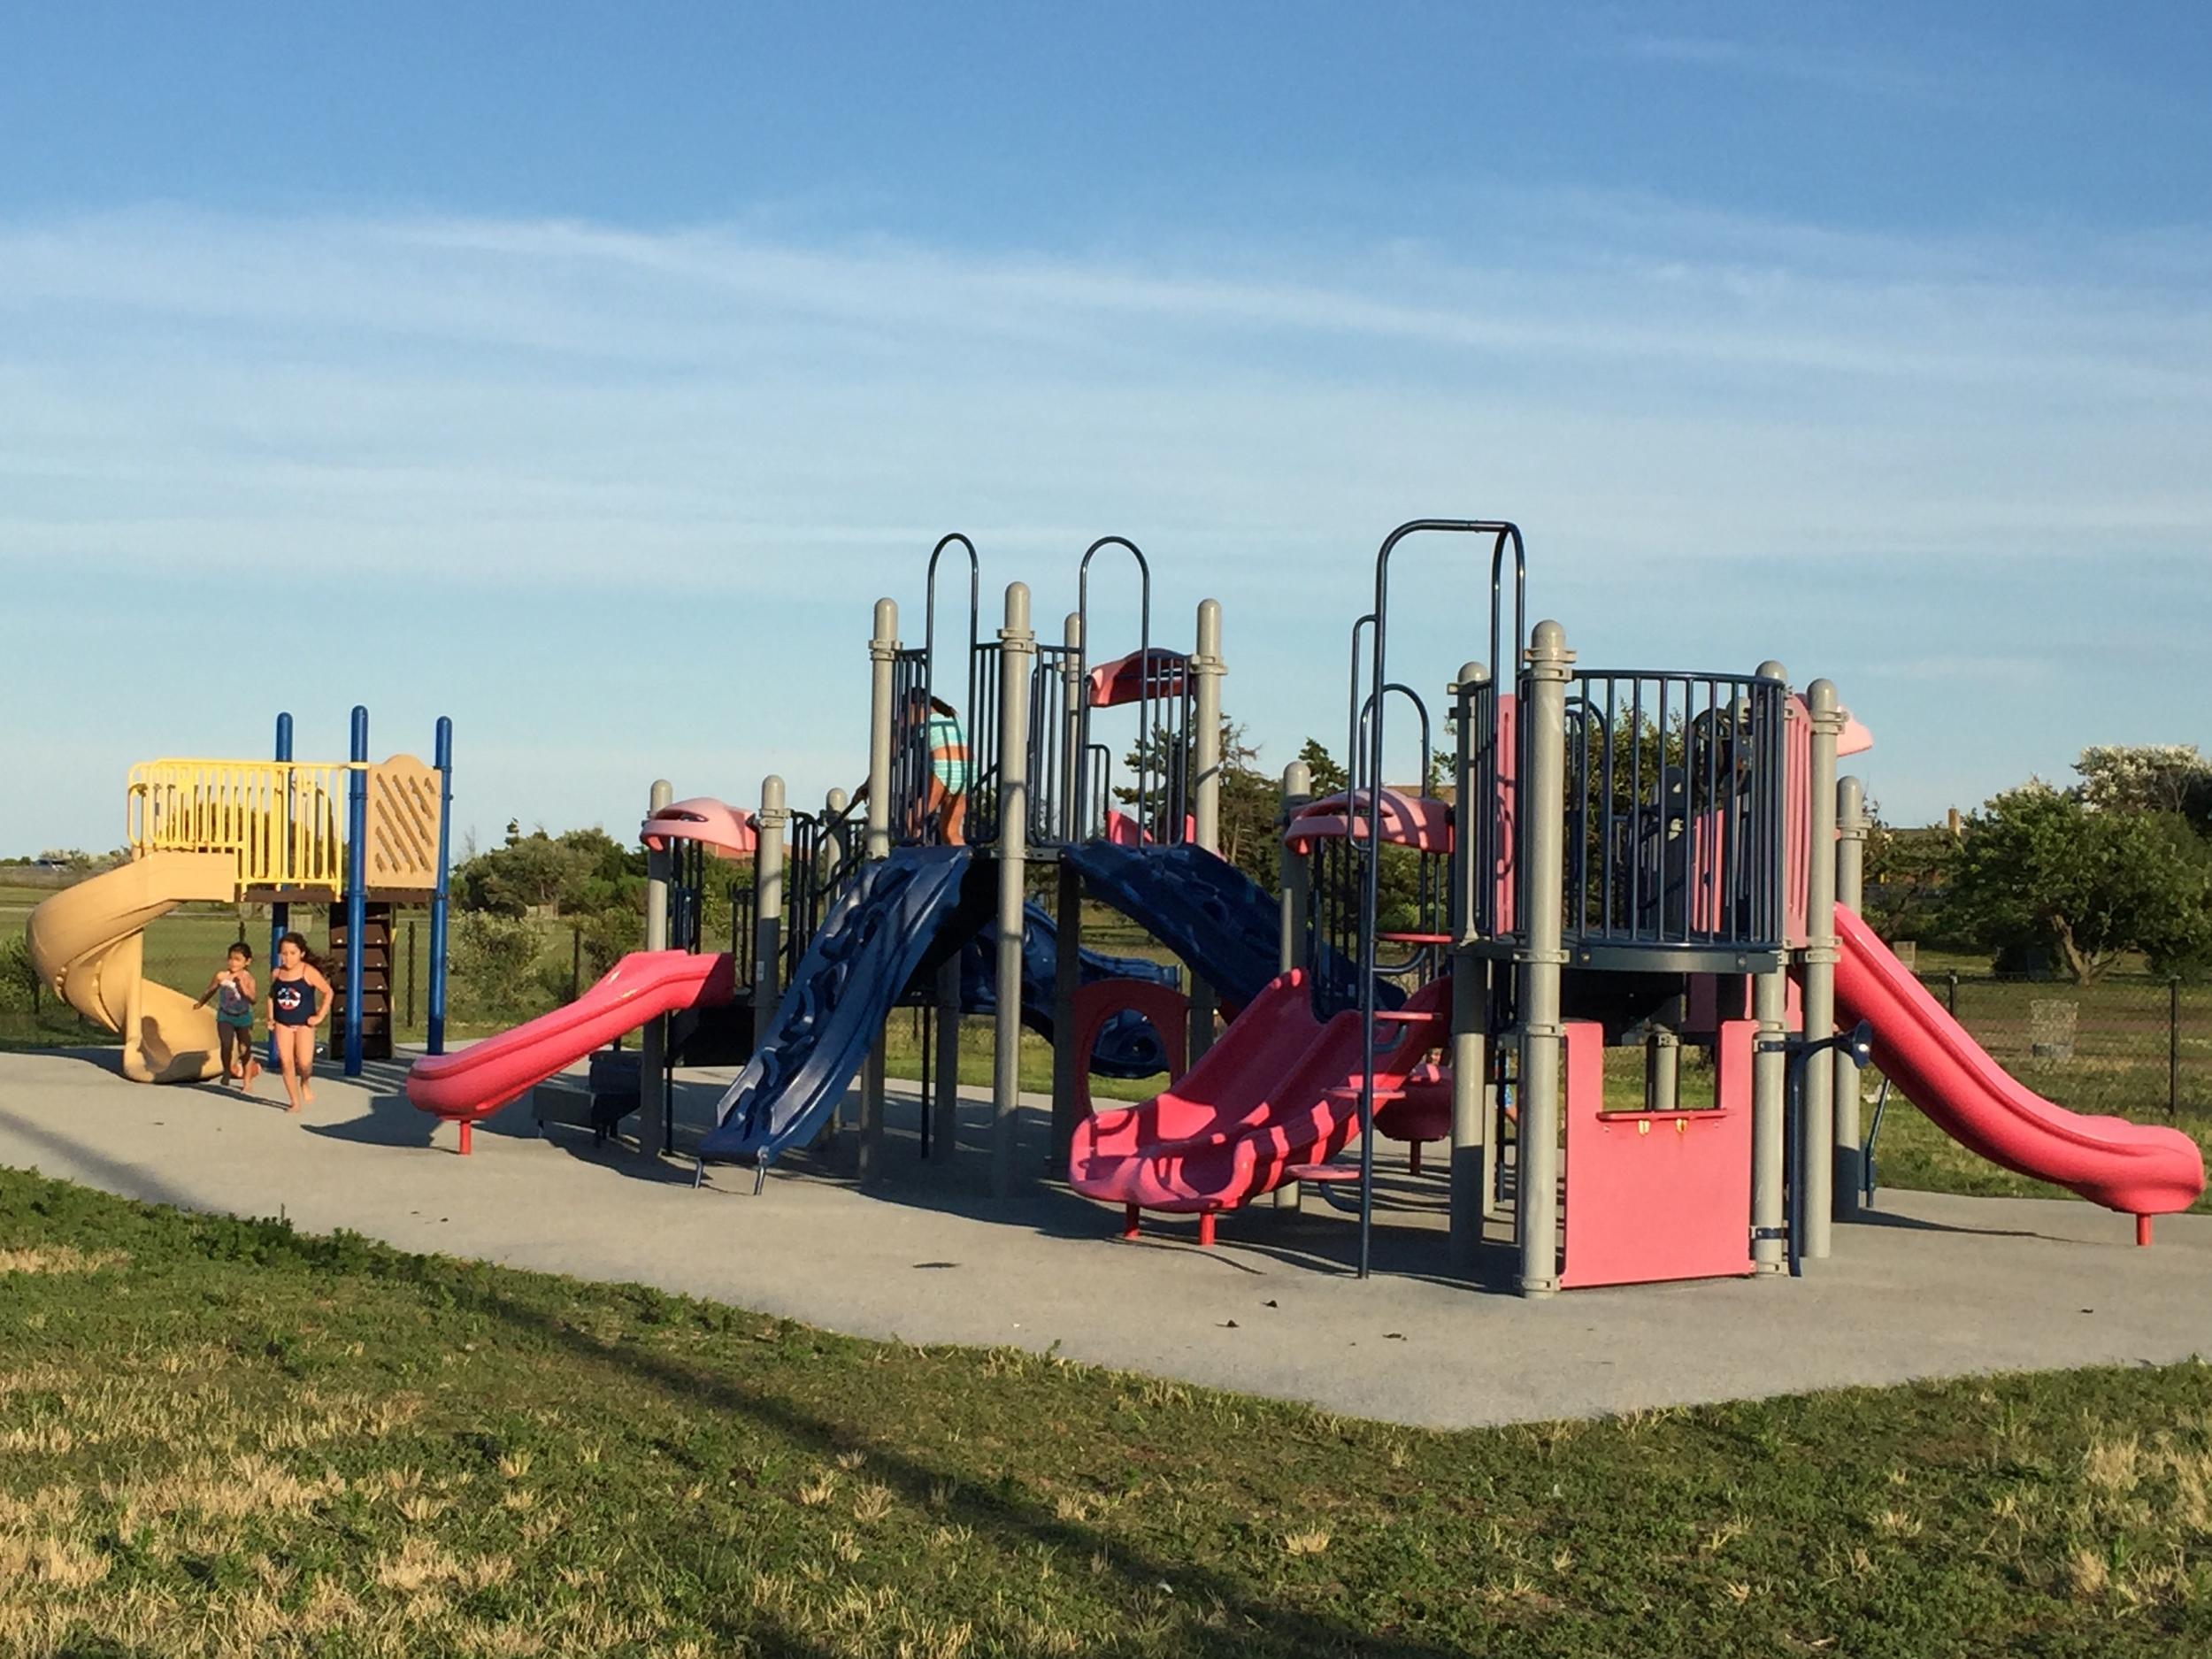 Field 5 Playground at Jones Beach